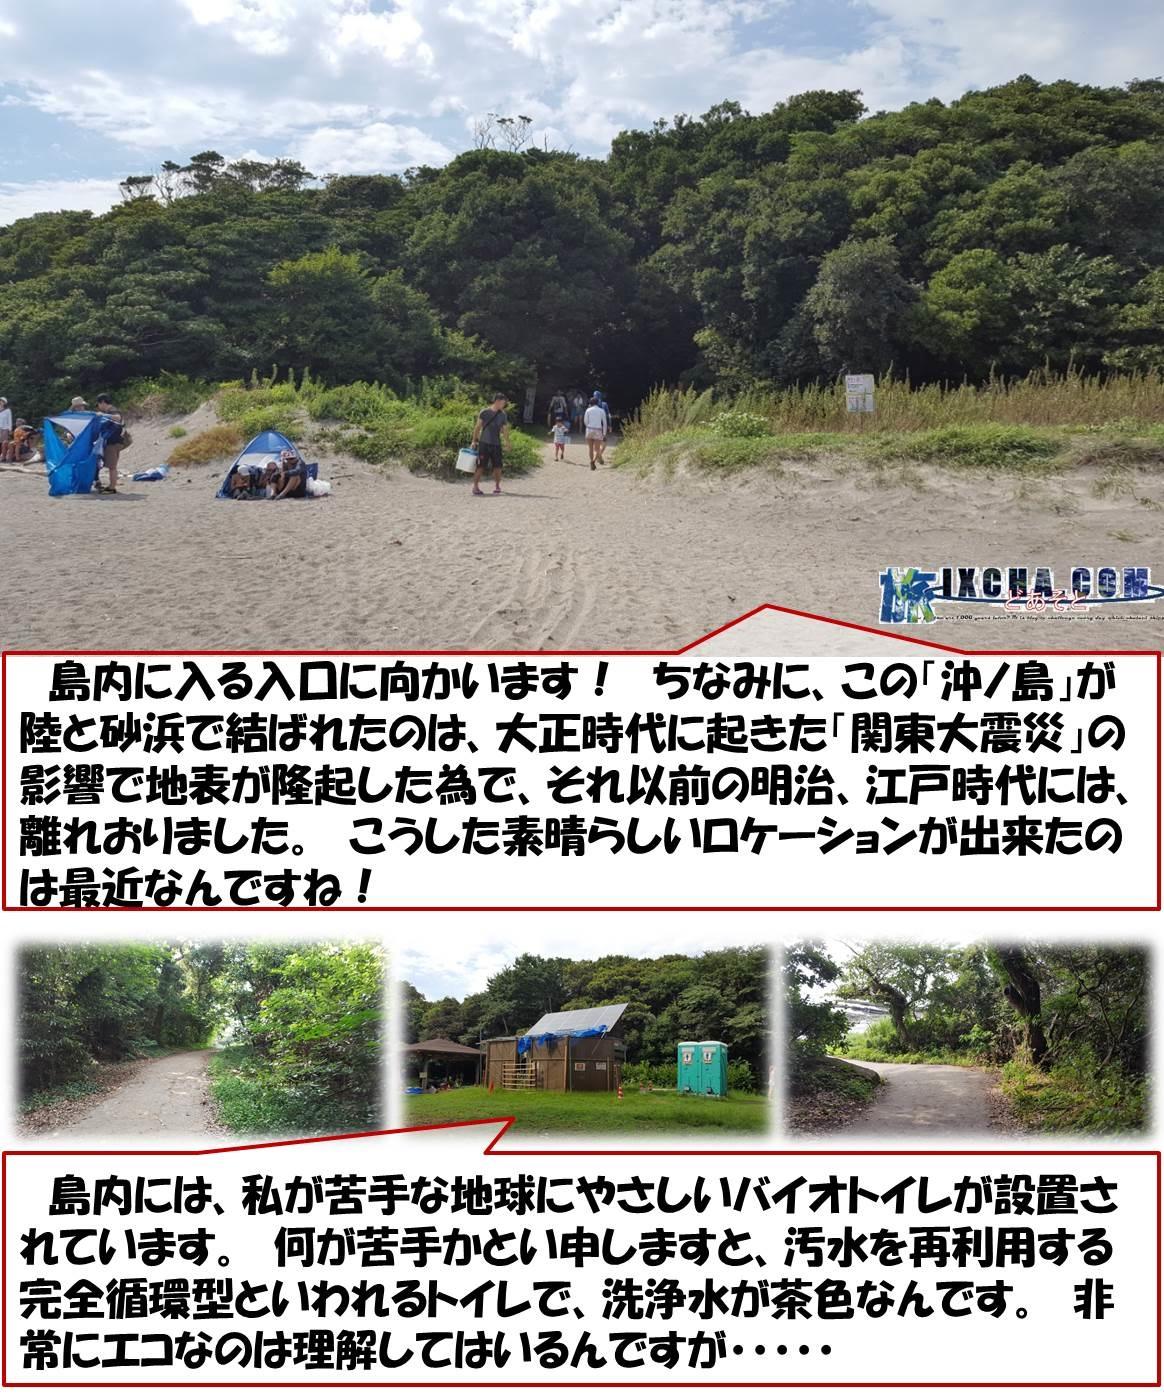 島内に入る入口に向かいます! ちなみに、この「沖ノ島」が陸と砂浜で結ばれたのは、大正時代に起きた「関東大震災」の影響で地表が隆起した為で、それ以前の明治、江戸時代には、離れおりました。 こうした素晴らしいロケーションが出来たのは最近なんですね!  島内には、私が苦手な地球にやさしいバイオトイレが設置されています。 何が苦手かとい申しますと、汚水を再利用する完全循環型といわれるトイレで、洗浄水が茶色なんです。 非常にエコなのは理解してはいるんですが・・・・・